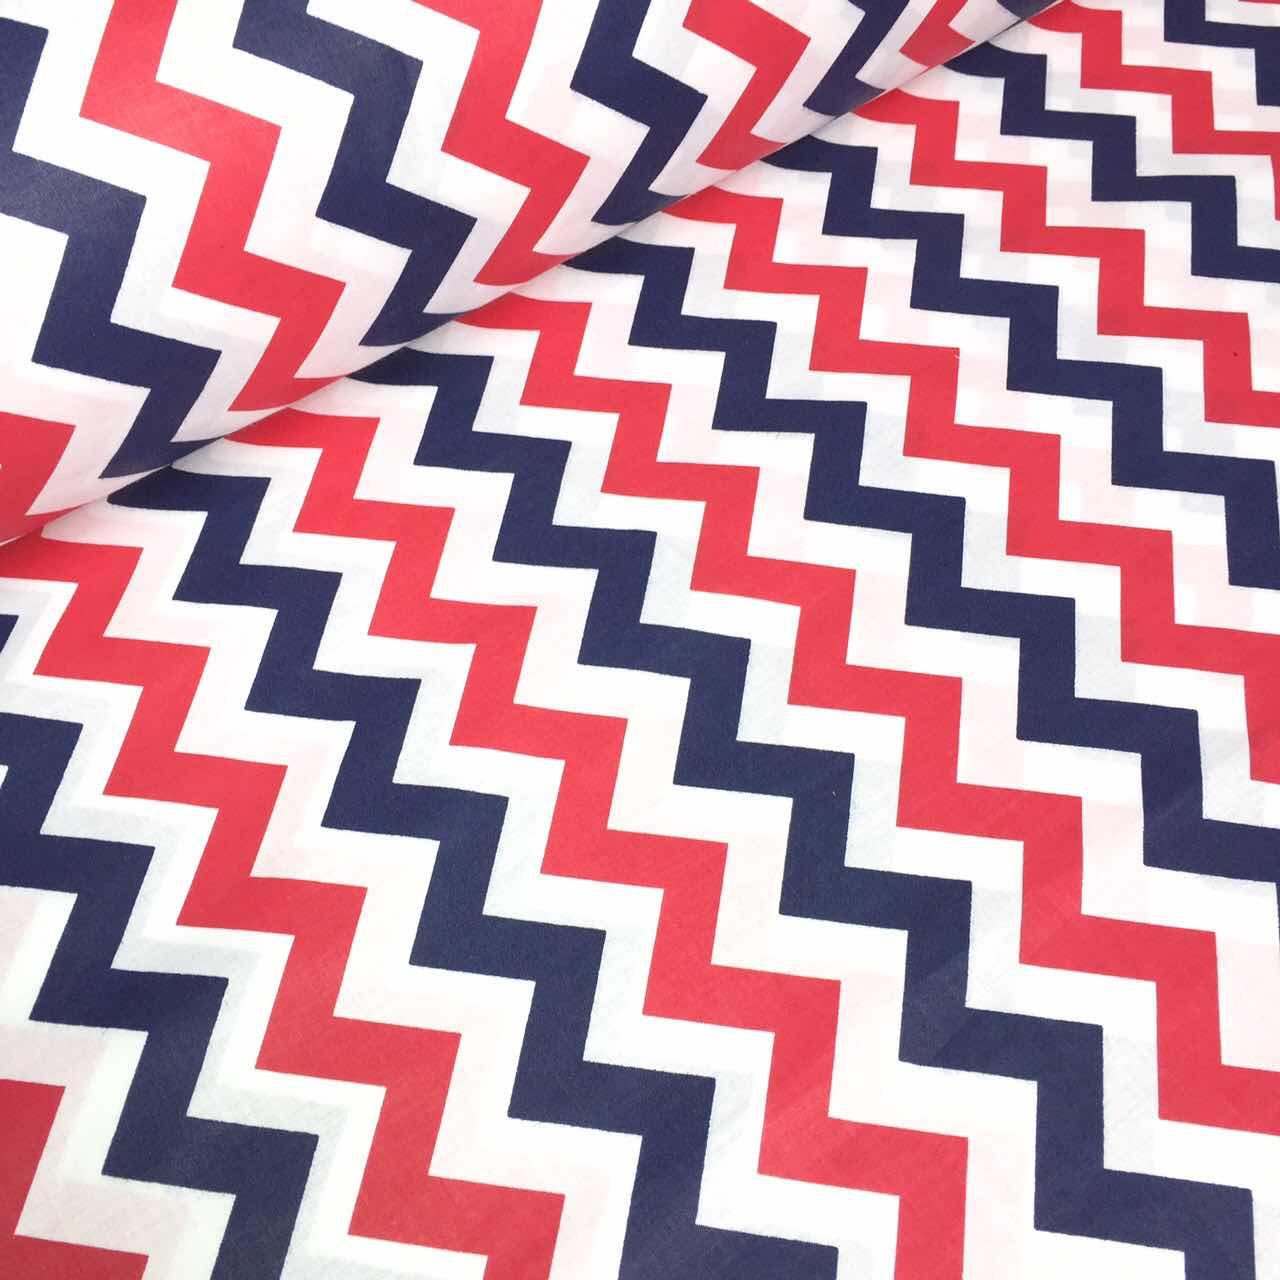 Тканина бавовняна широкий синьо-червоний зигзаг 135г/м2 №596